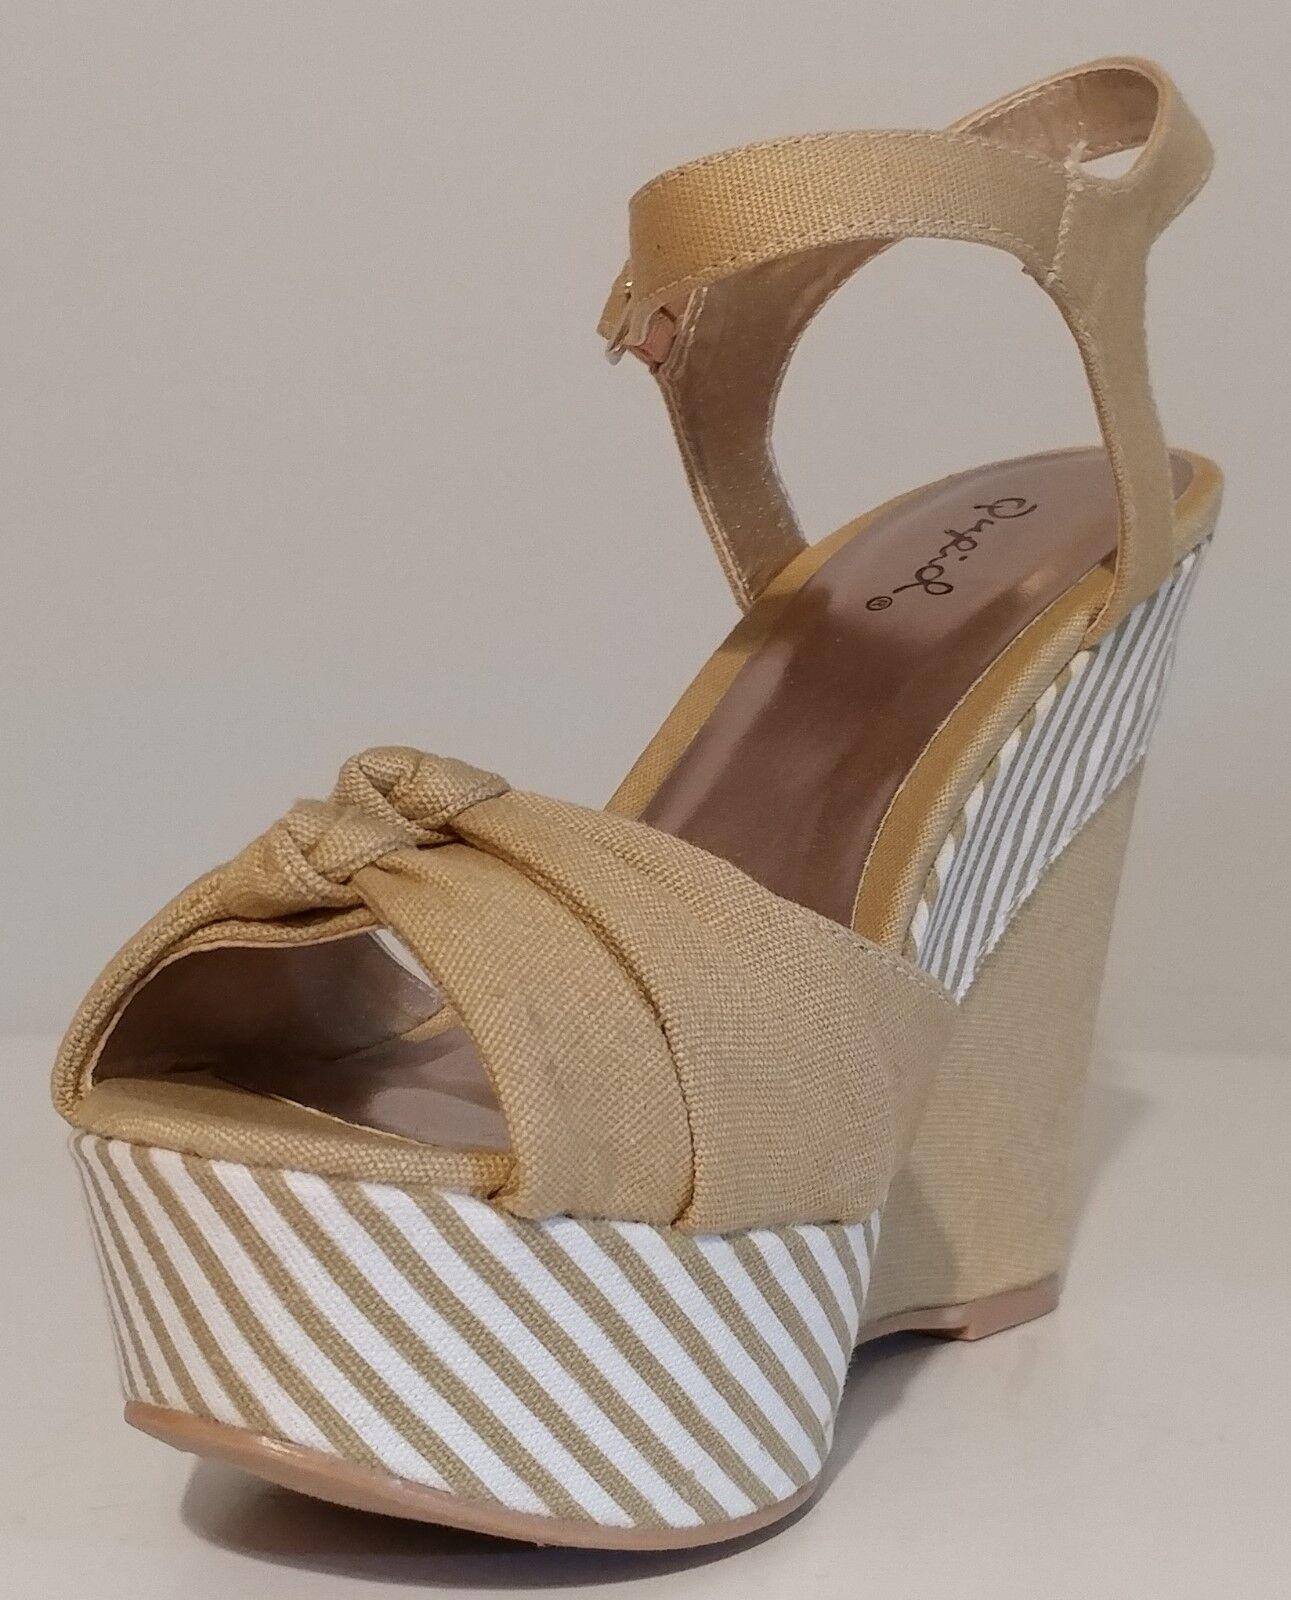 NEW Qupid Tan Canvas Wedge Sandals Sandals Sandals 5  Heels Größe 8.5M US 38.5M EUR 2f8abe